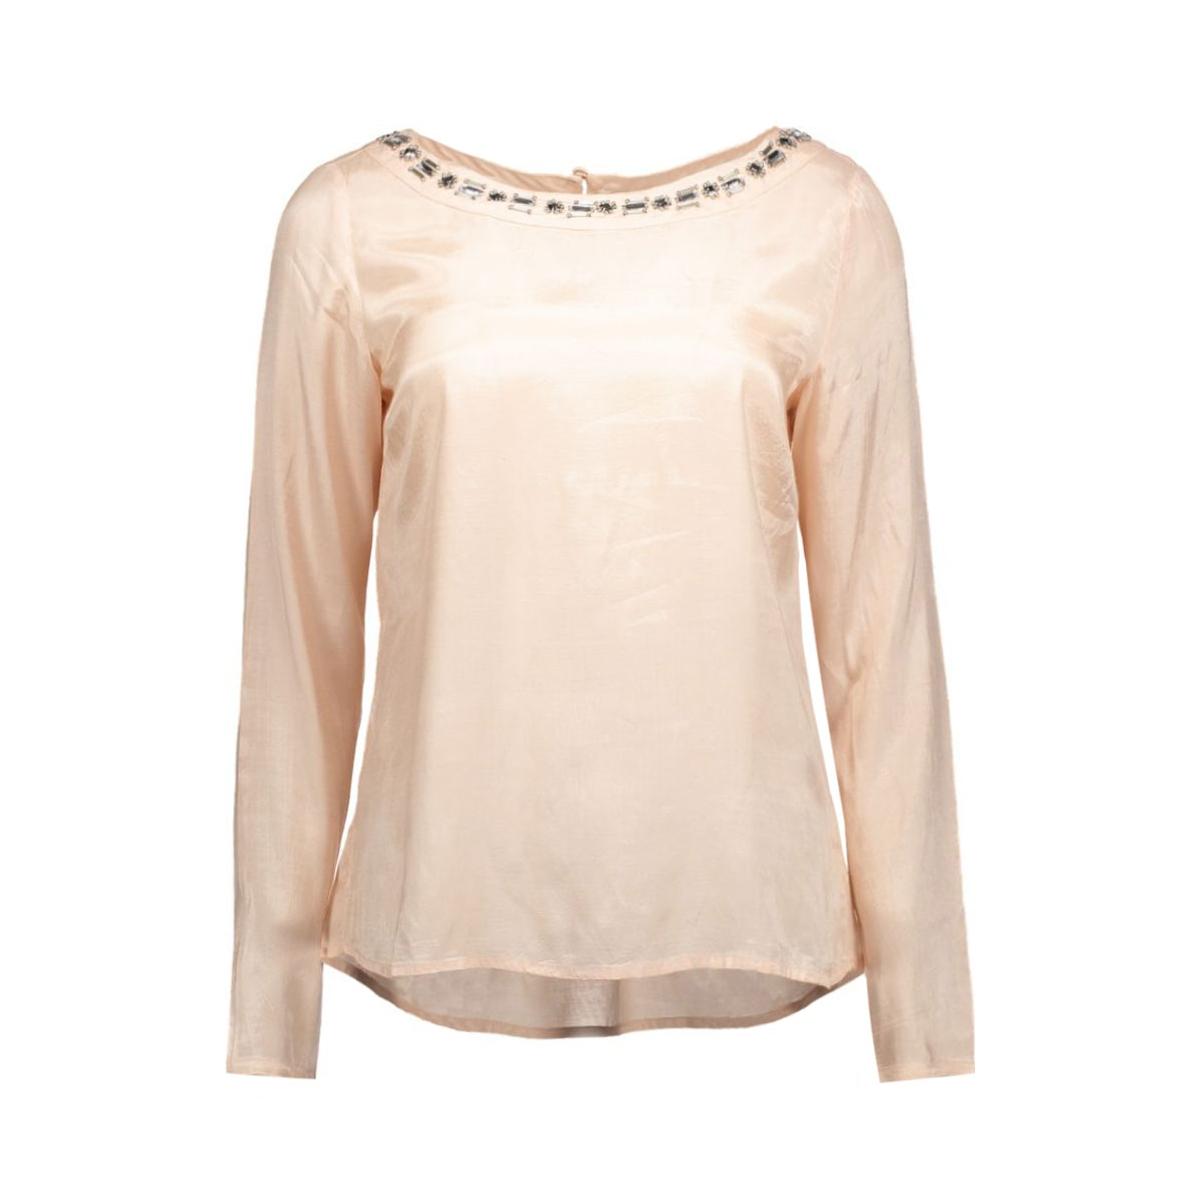 videca l/s boatneck top 14040323 vila t-shirt rose dust